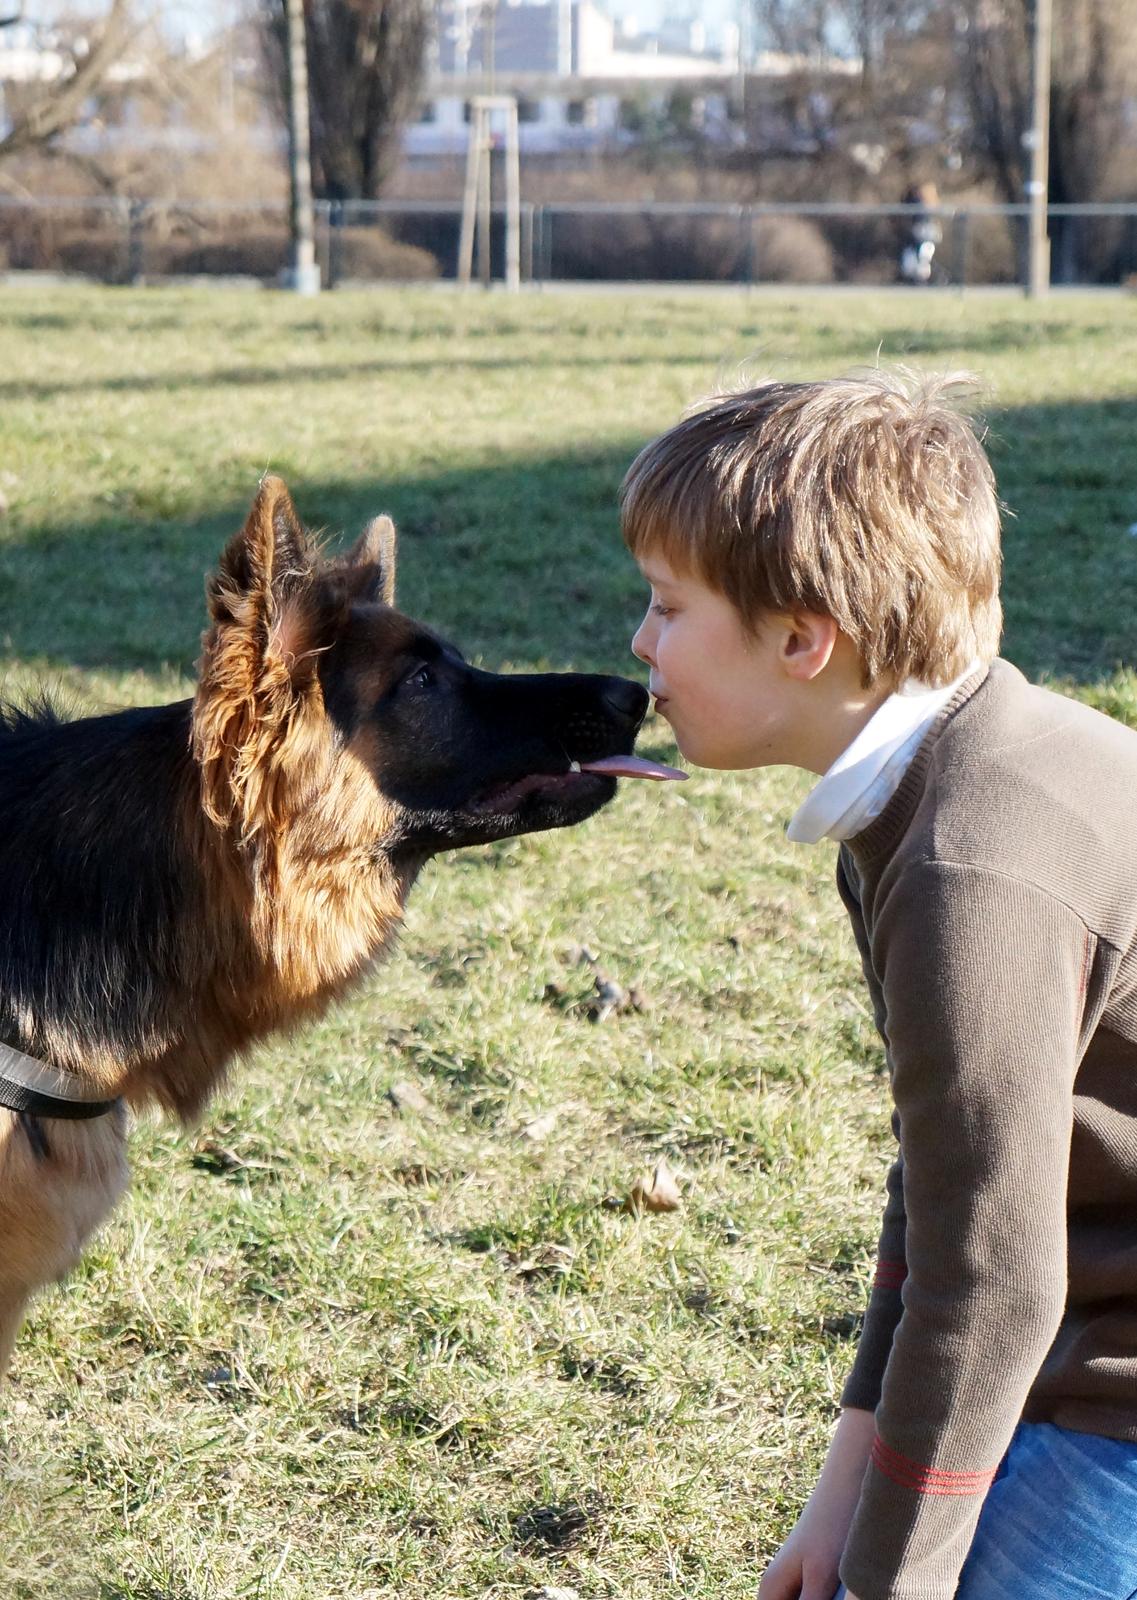 Fotografia przedstawia psa owczarka niemieckiego idziecko wbeżowym sweterku na łące. Pies ma wysunięty do twarzy dziecka język. Chłopiec całuje psa wnos.